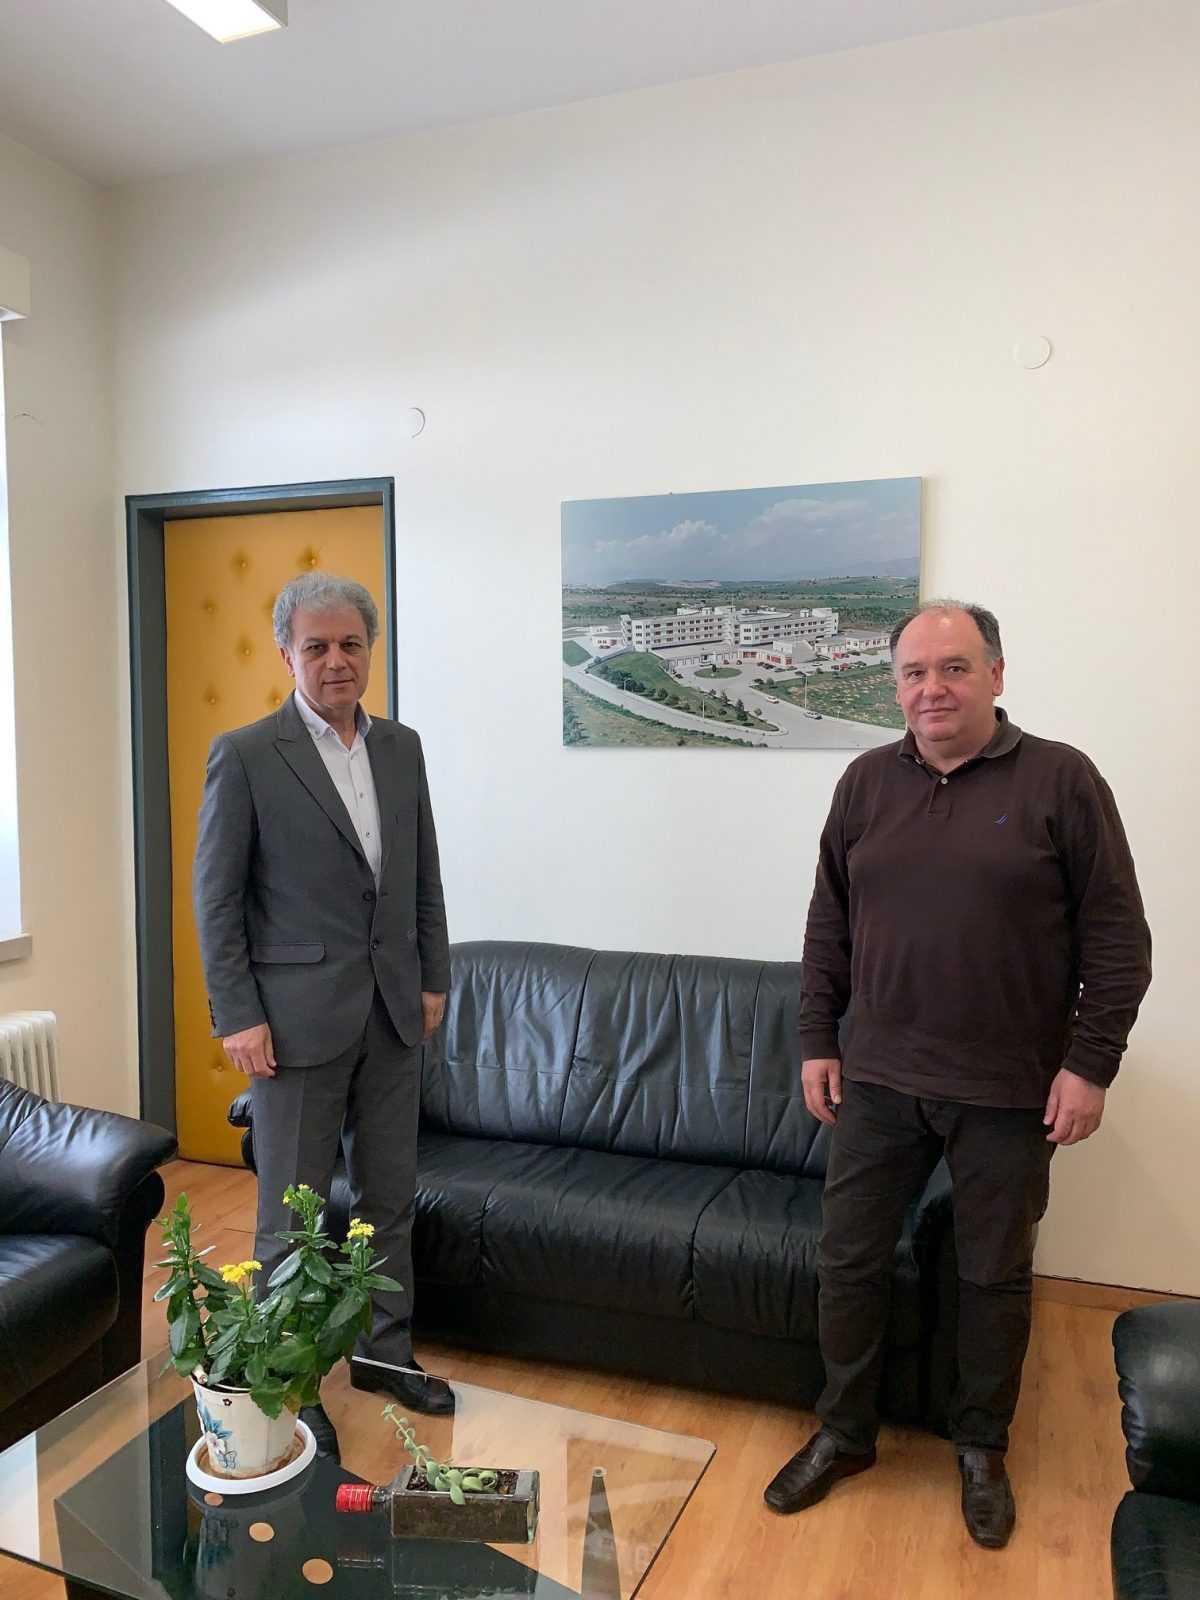 Μια παραγωγική συνεργασία έγινε στο ΜΠΟΔΟΣΑΚΕΙΟ Νοσοκομείο Πτολεμαΐδας μεταξύ του Βουλευτή Ν. Κοζάνης κ. Γιώργου Αμανατίδη και του Διοικητή του ΜΠΟΔΟΣΑΚΕΙΟΥ κ. Σταύρου Παπασωτηρίου